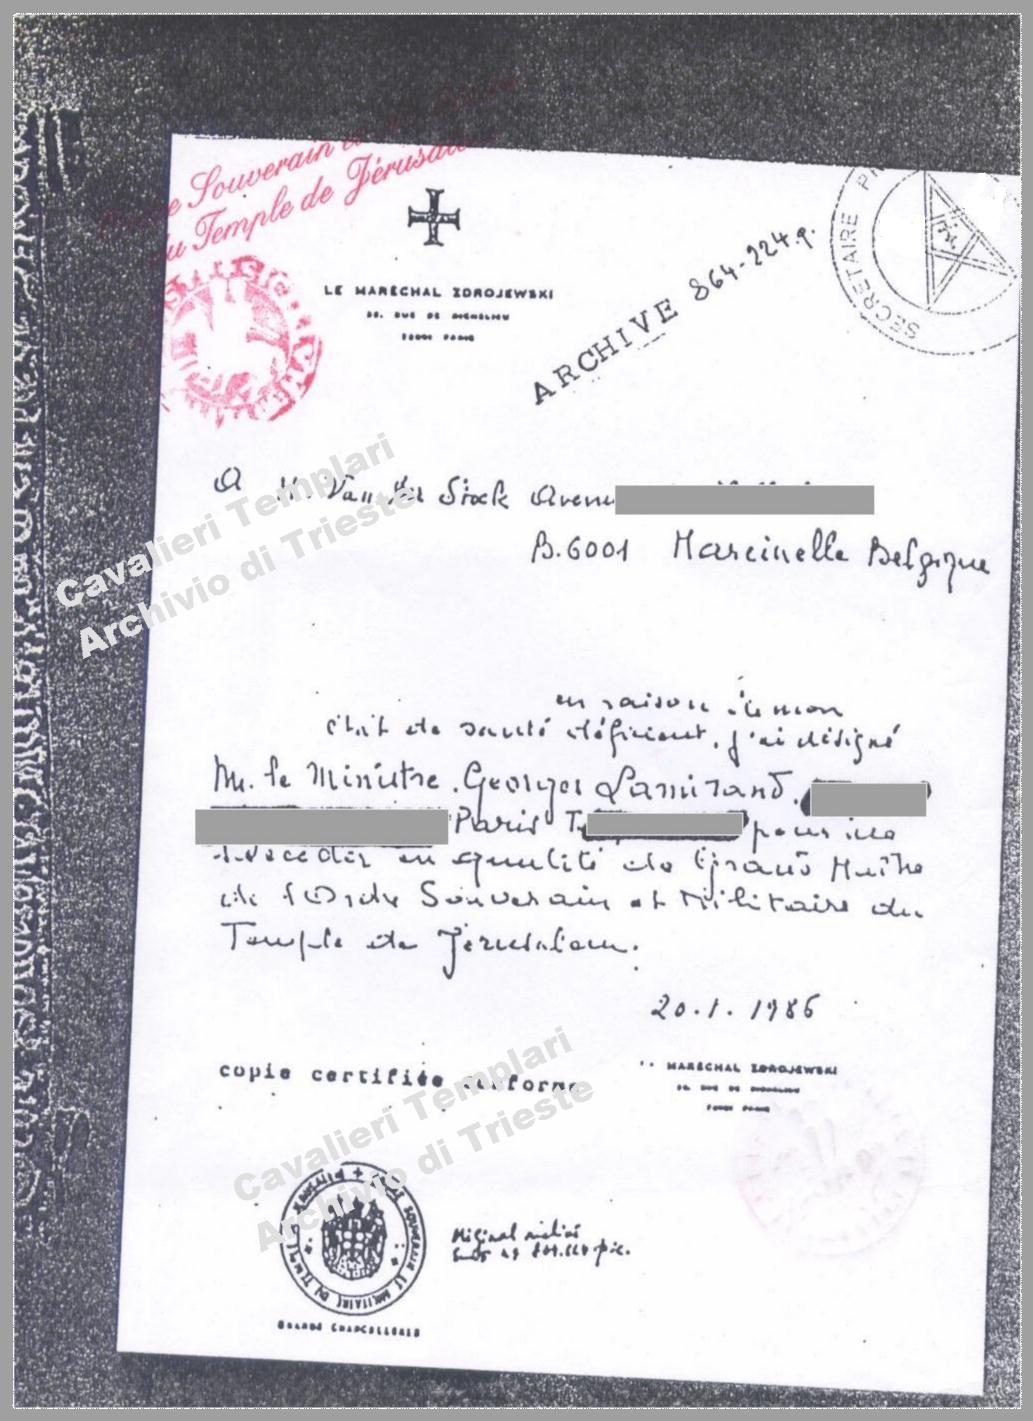 Charter from Zdrojewski to Lamirand no Pentagram